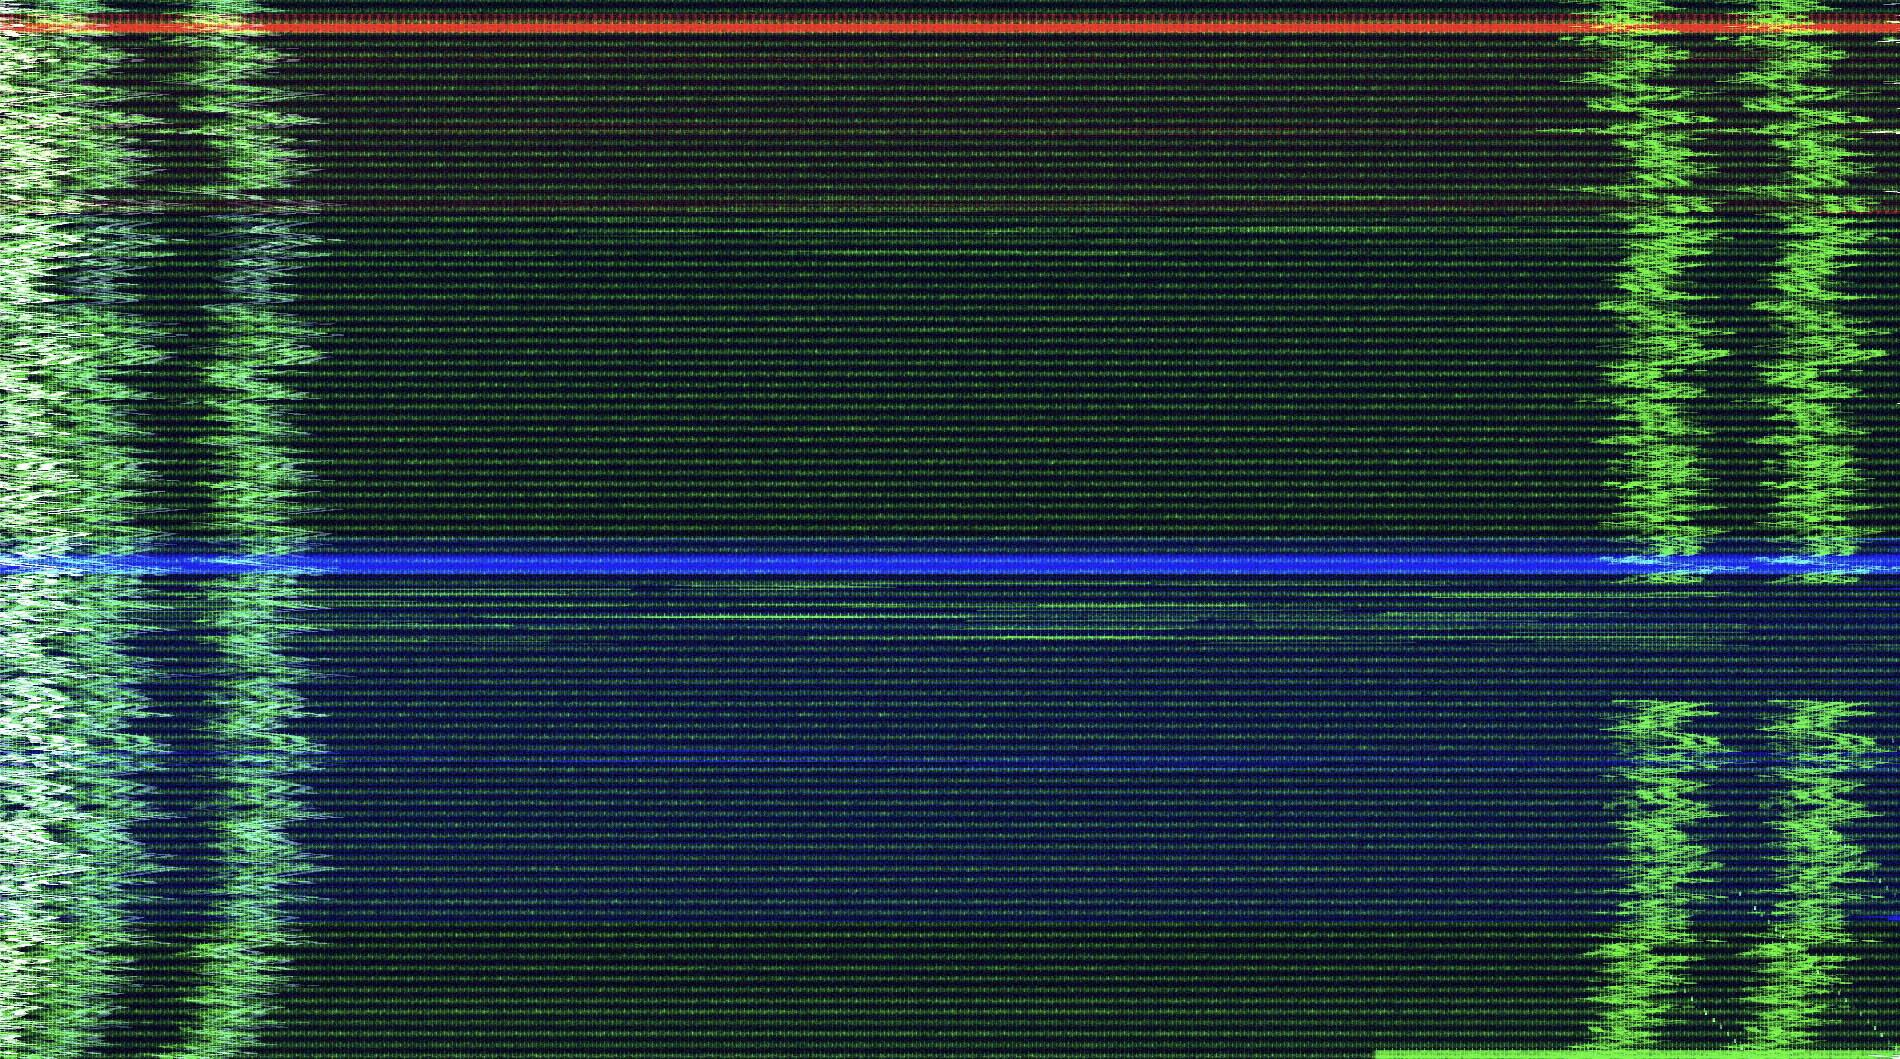 信号干扰乱码屏幕花屏闪屏转场